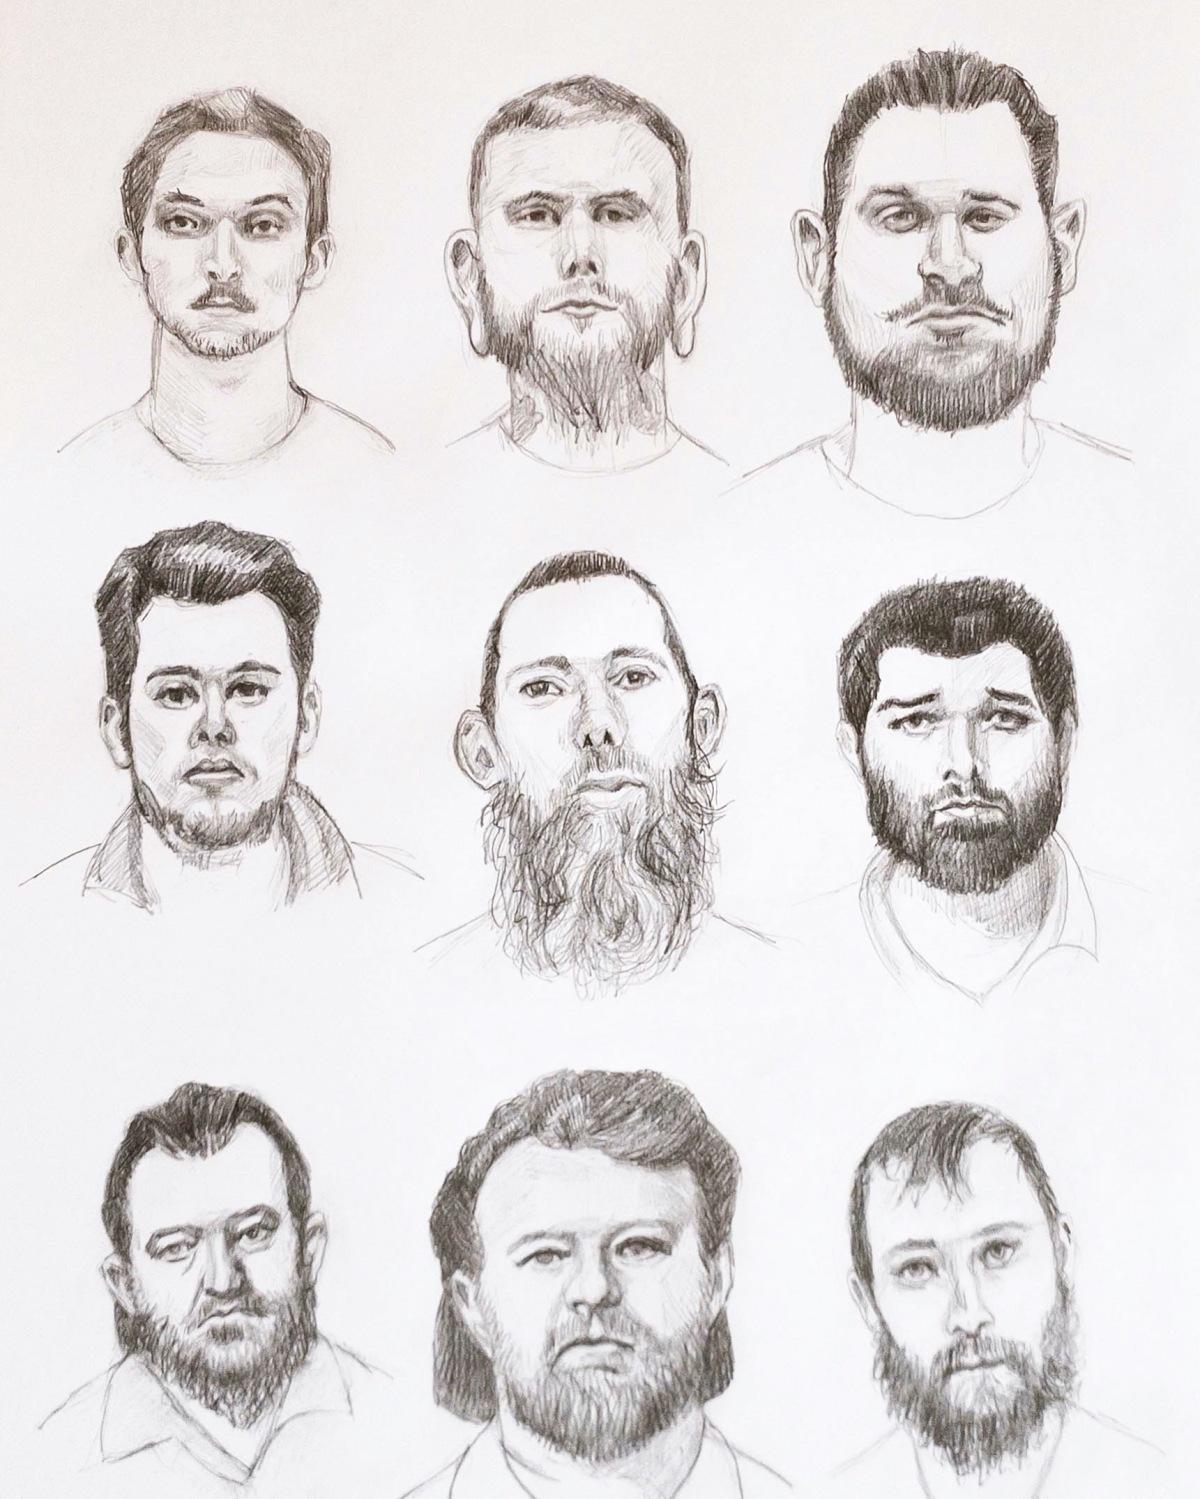 Michigan Moron Kidnappers Mugshot sketches